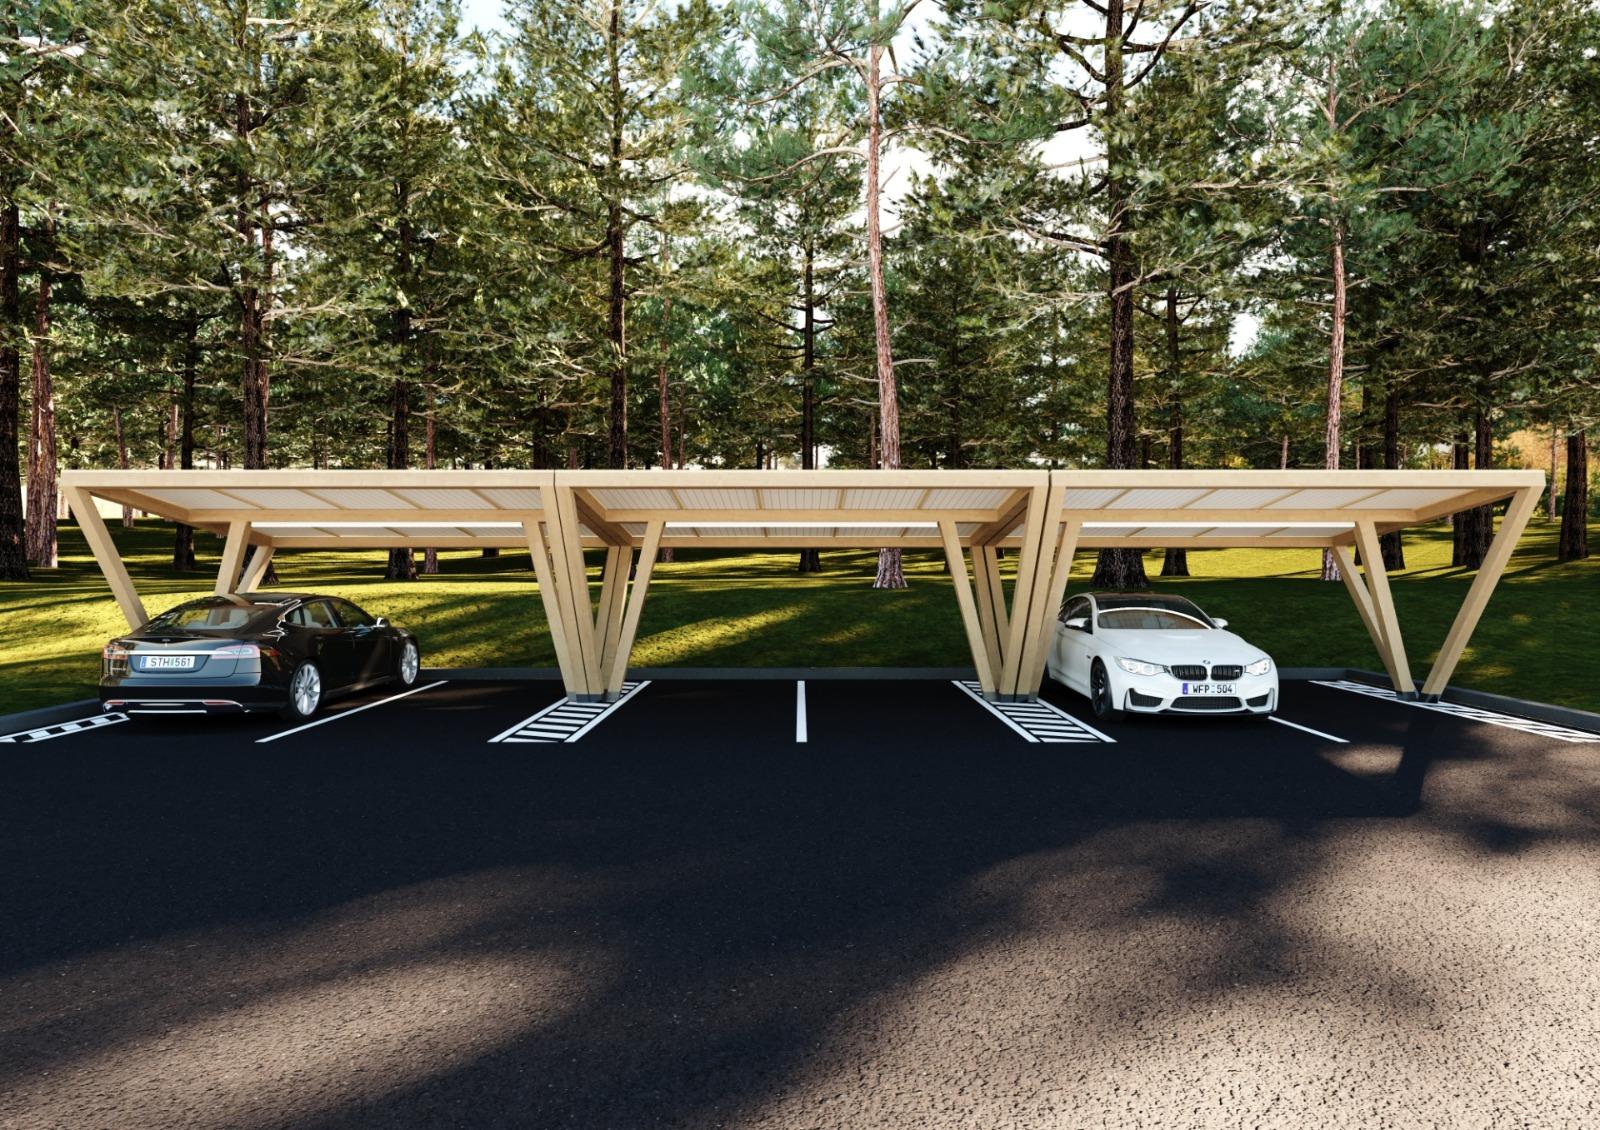 https://universalkraft.com/wp-content/uploads/2021/04/solar-parking-geral-universal-kraft.jpeg